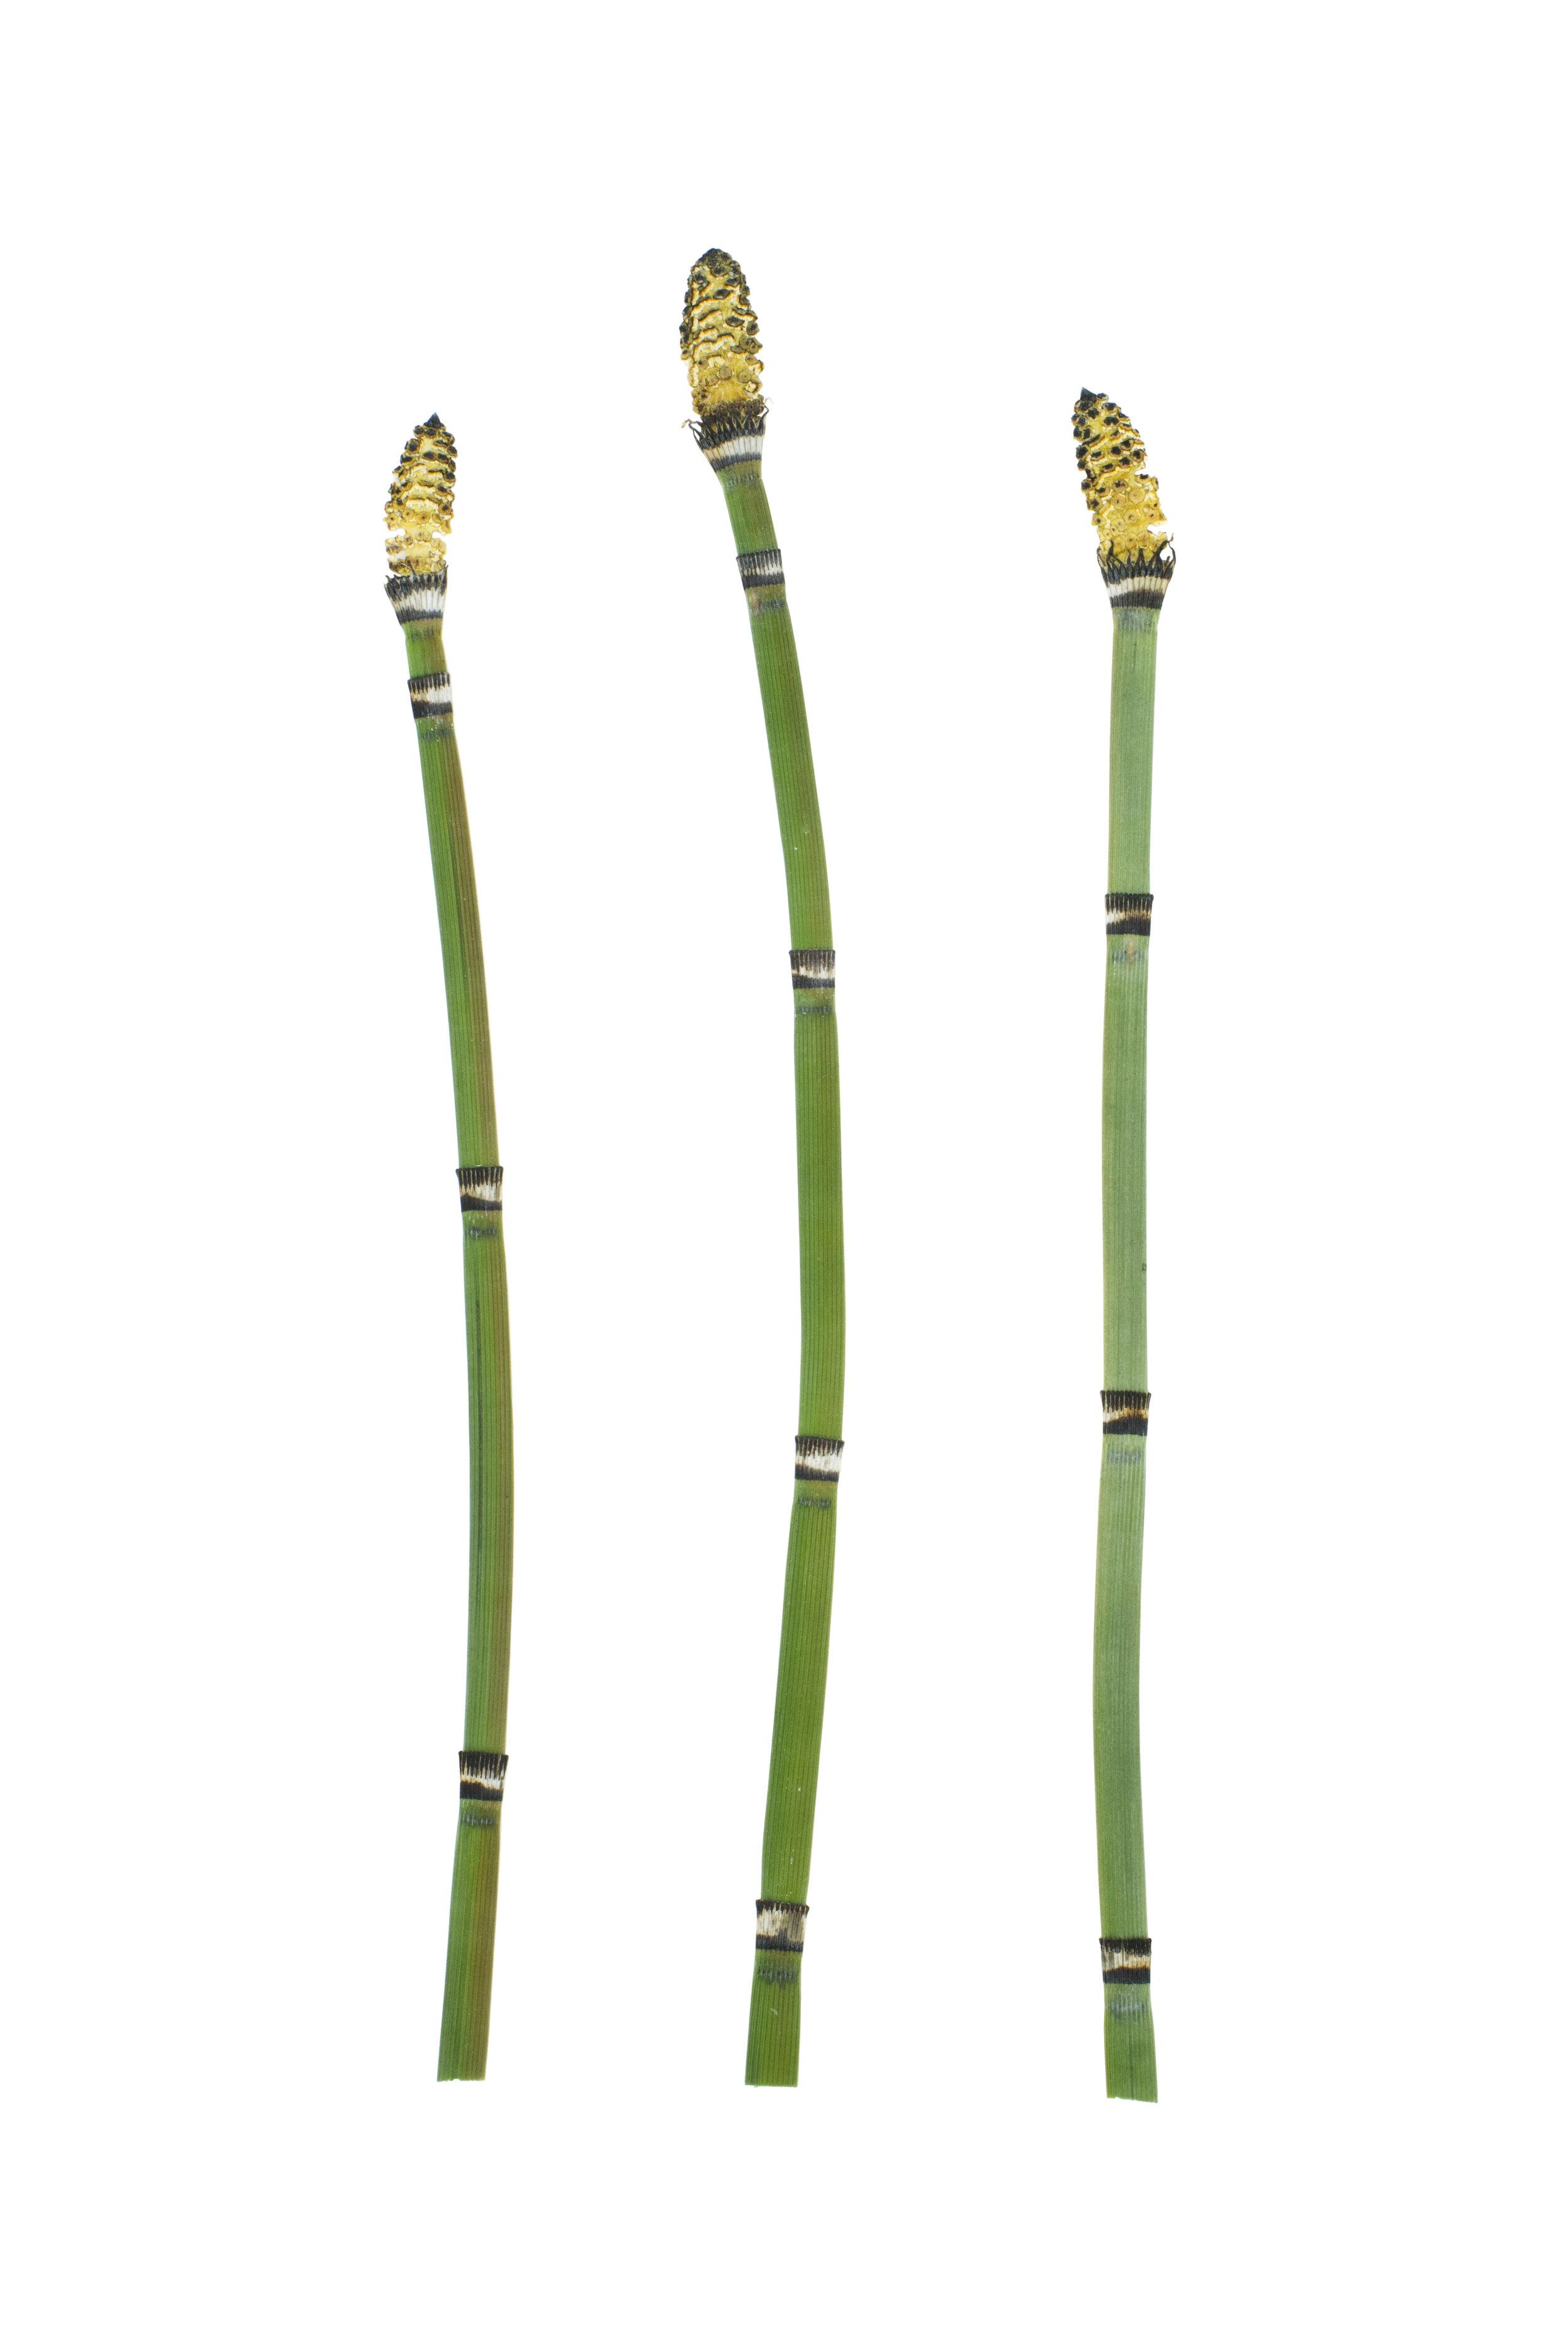 Horsetail or Scouring Rush / Equisetum hyemale